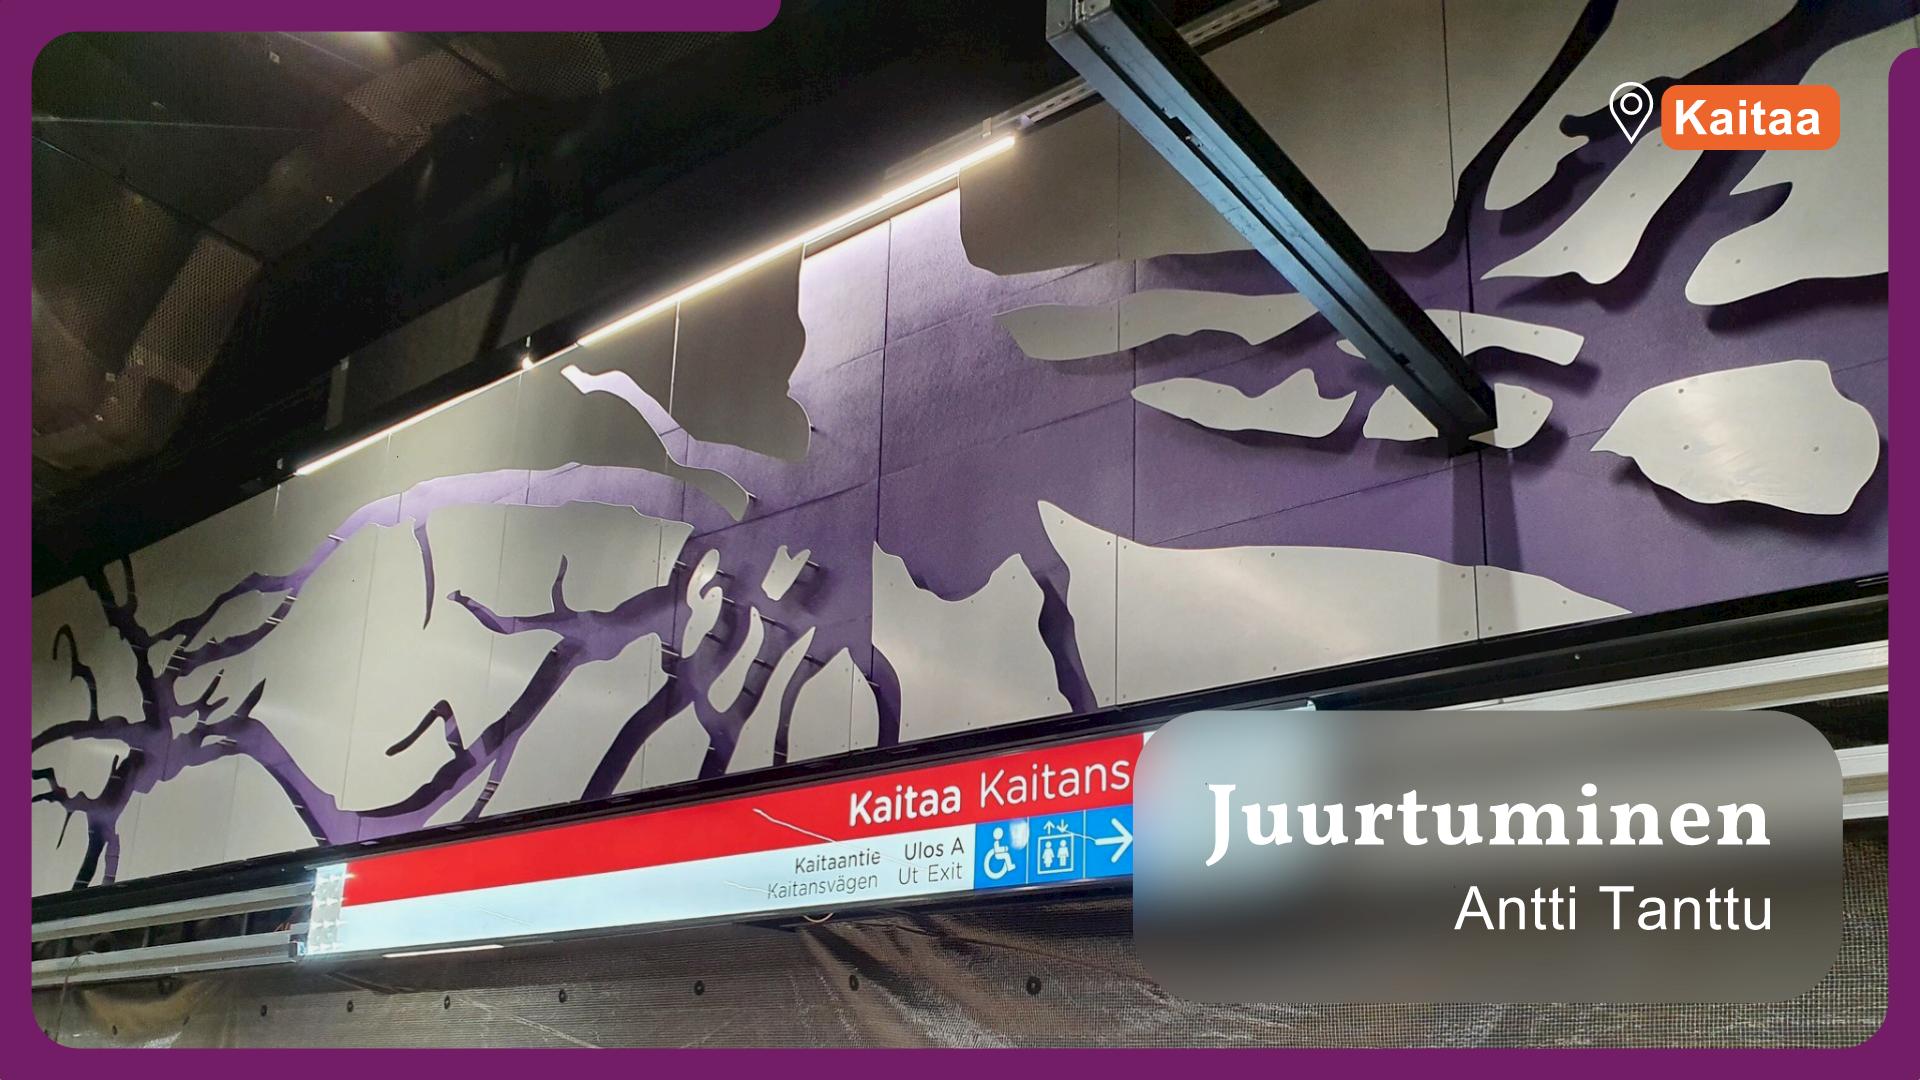 Kuvassa näkyy Antti Tantun Juurtuminen-teoksen juuria metrolaiturin seinässä.